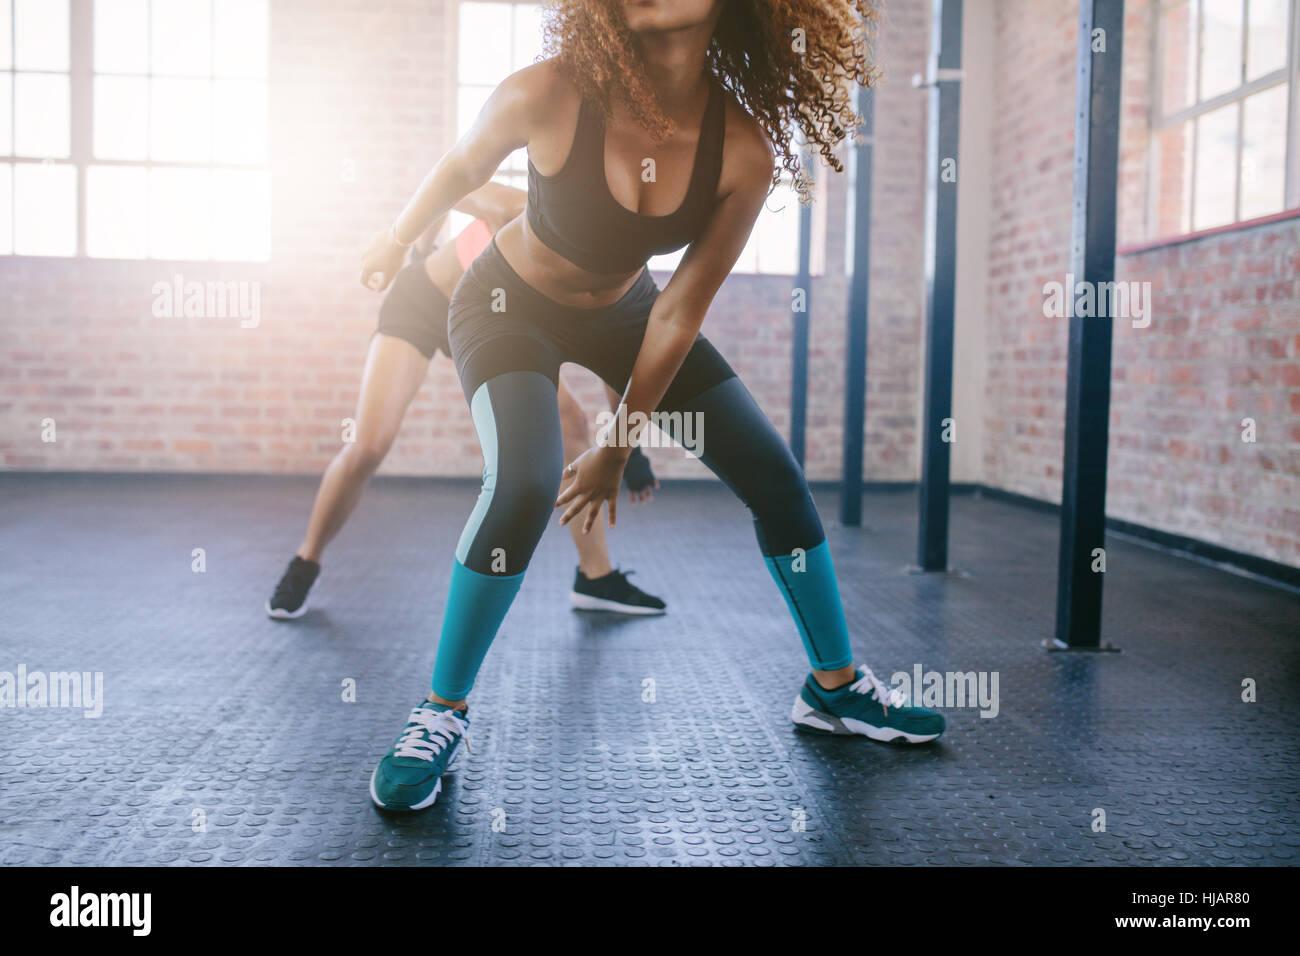 Captura recortada de hembras jóvenes haciendo ejecutar ejercicios en el gimnasio. Se centran en las piernas Imagen De Stock